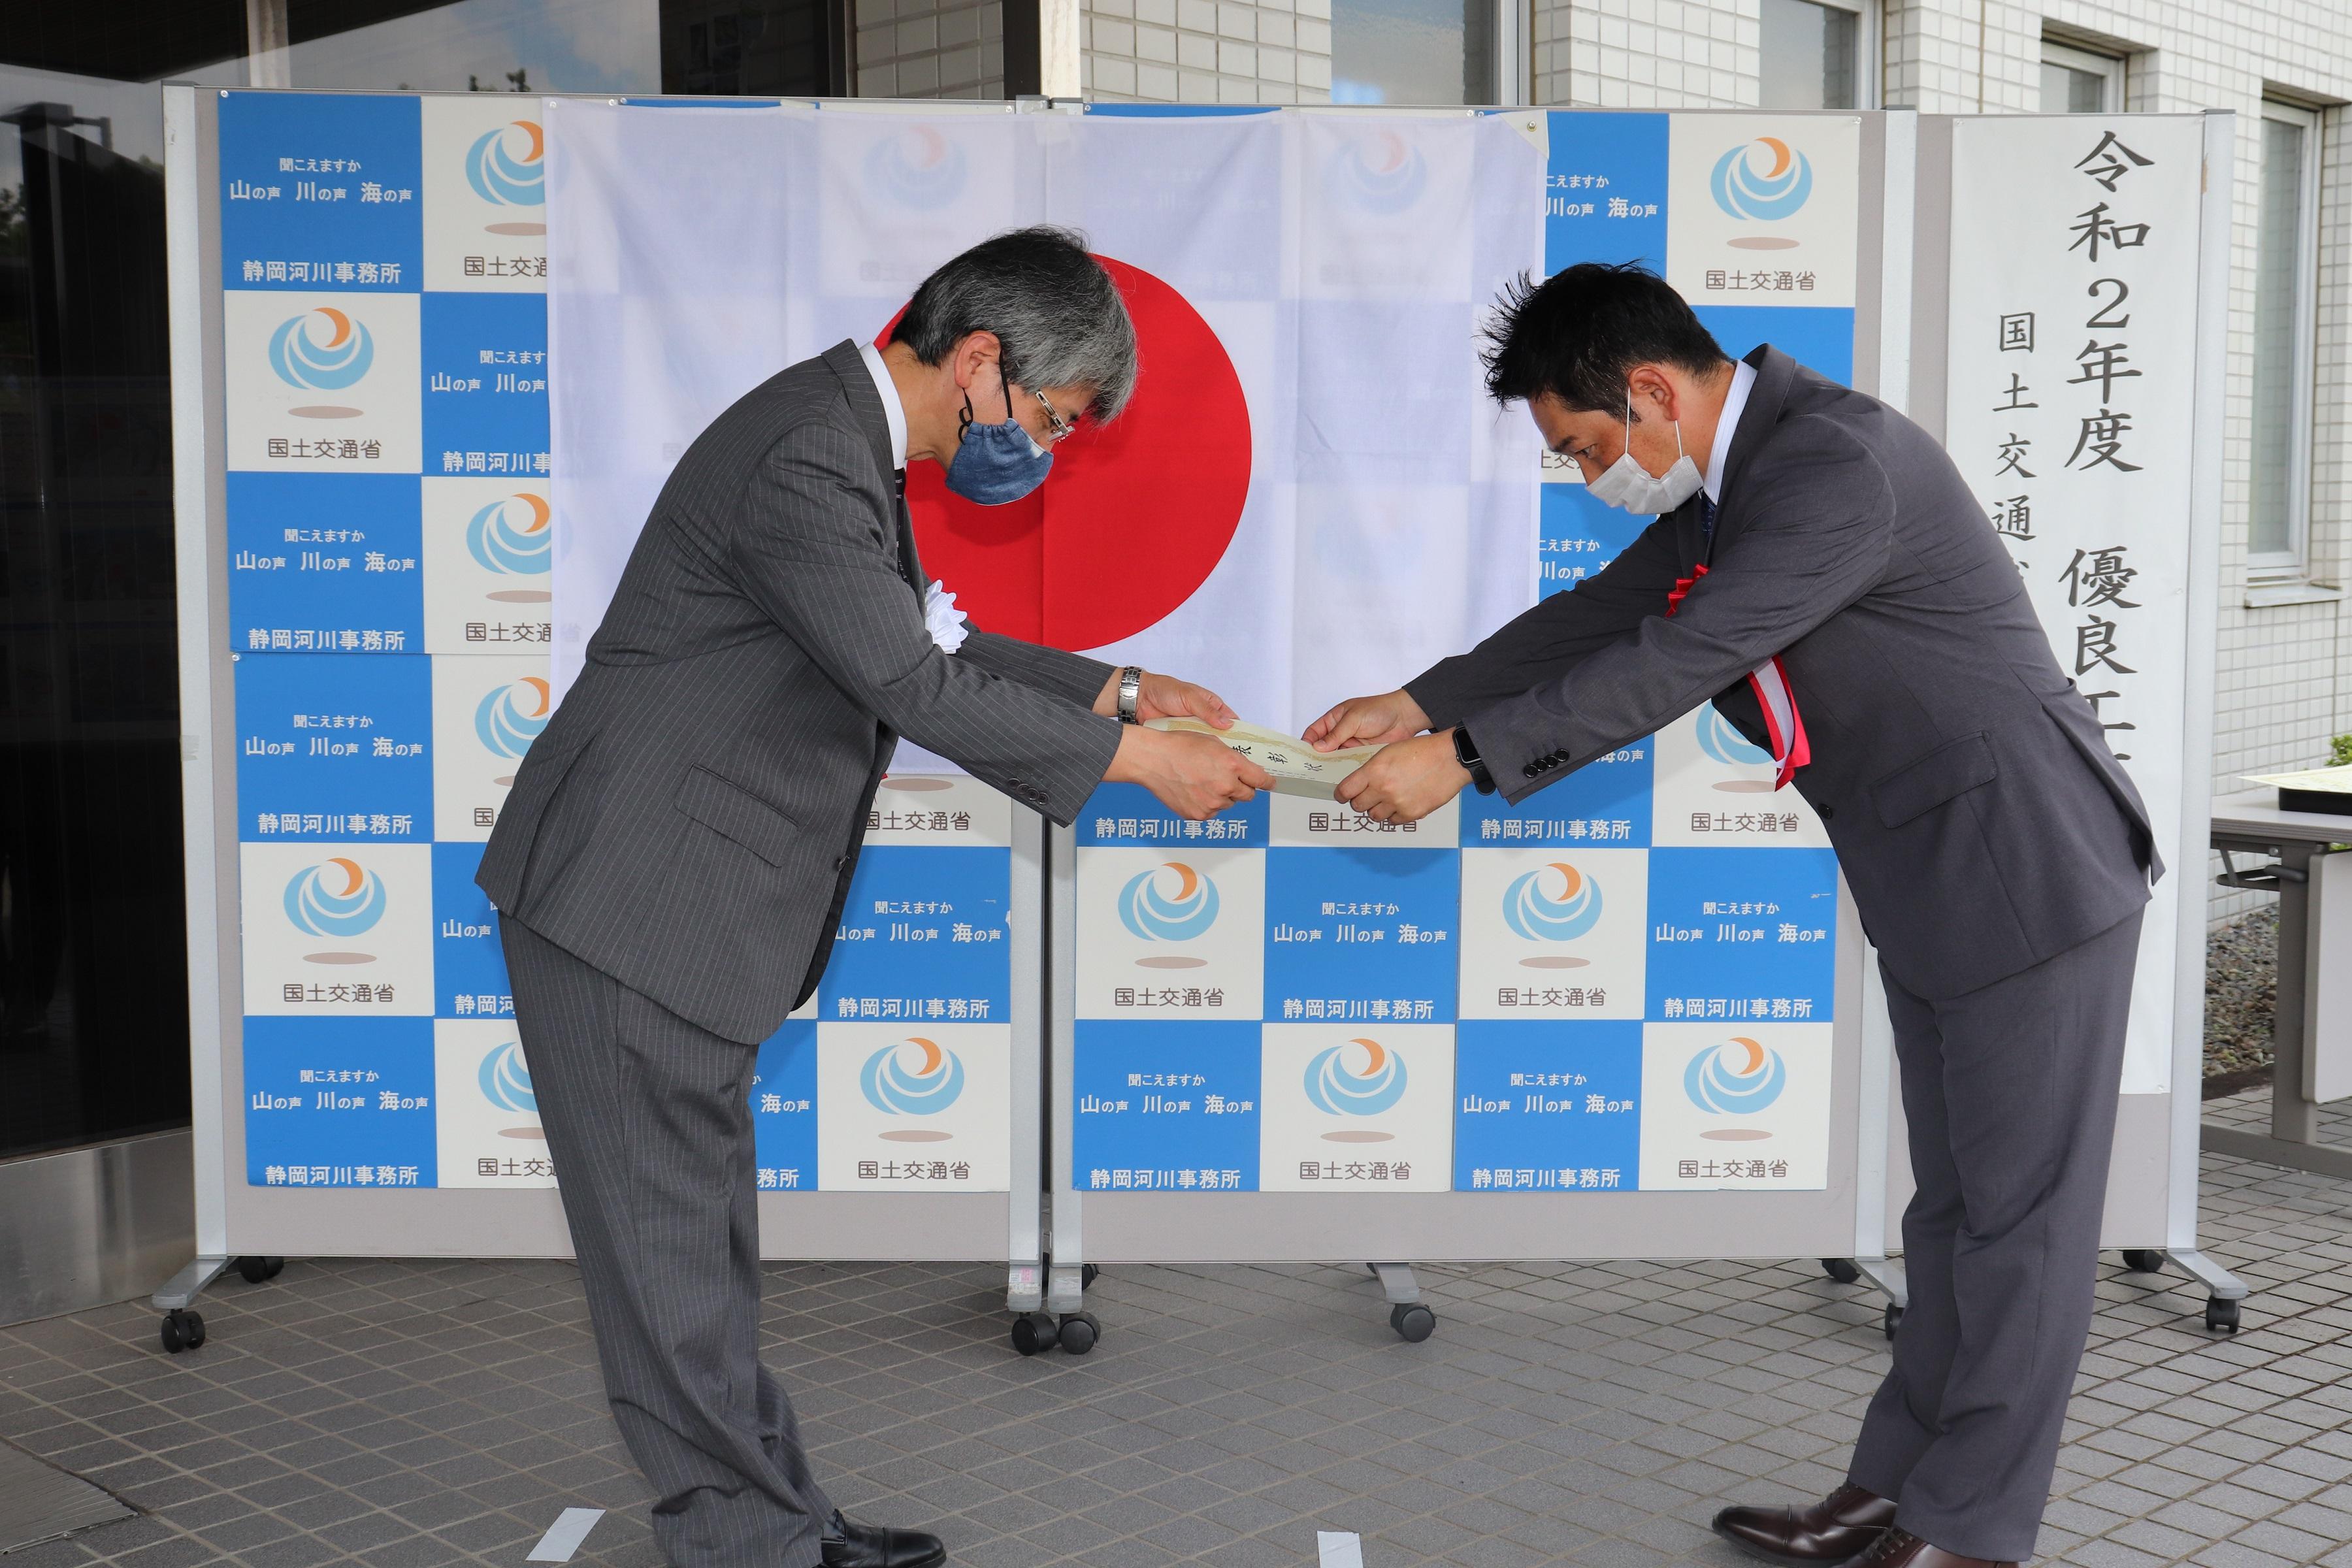 国土交通省 中部地方整備局 静岡河川事務所長様より「優良工事技術者表彰」を受賞いたしました!